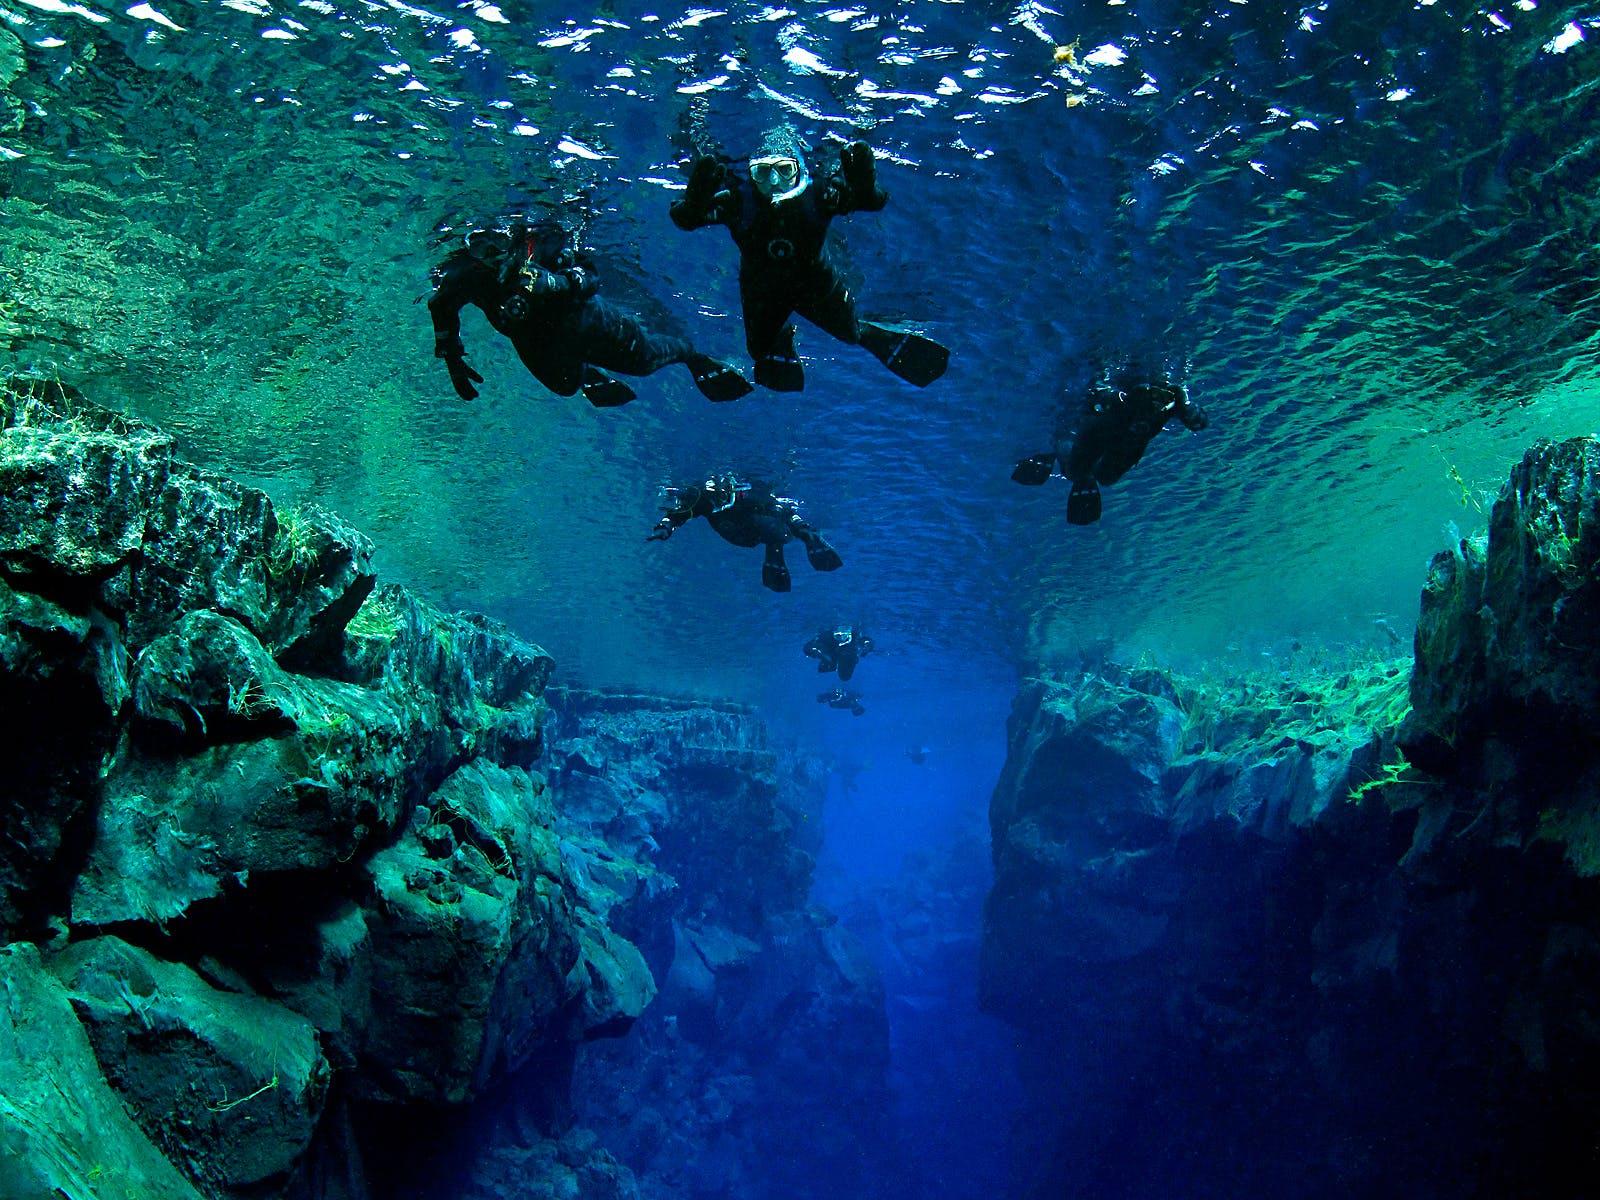 Snorkeling pomiędzy dwoma kontynentami w wąwozie Silfra w Parku Narodowym Thingvellir.